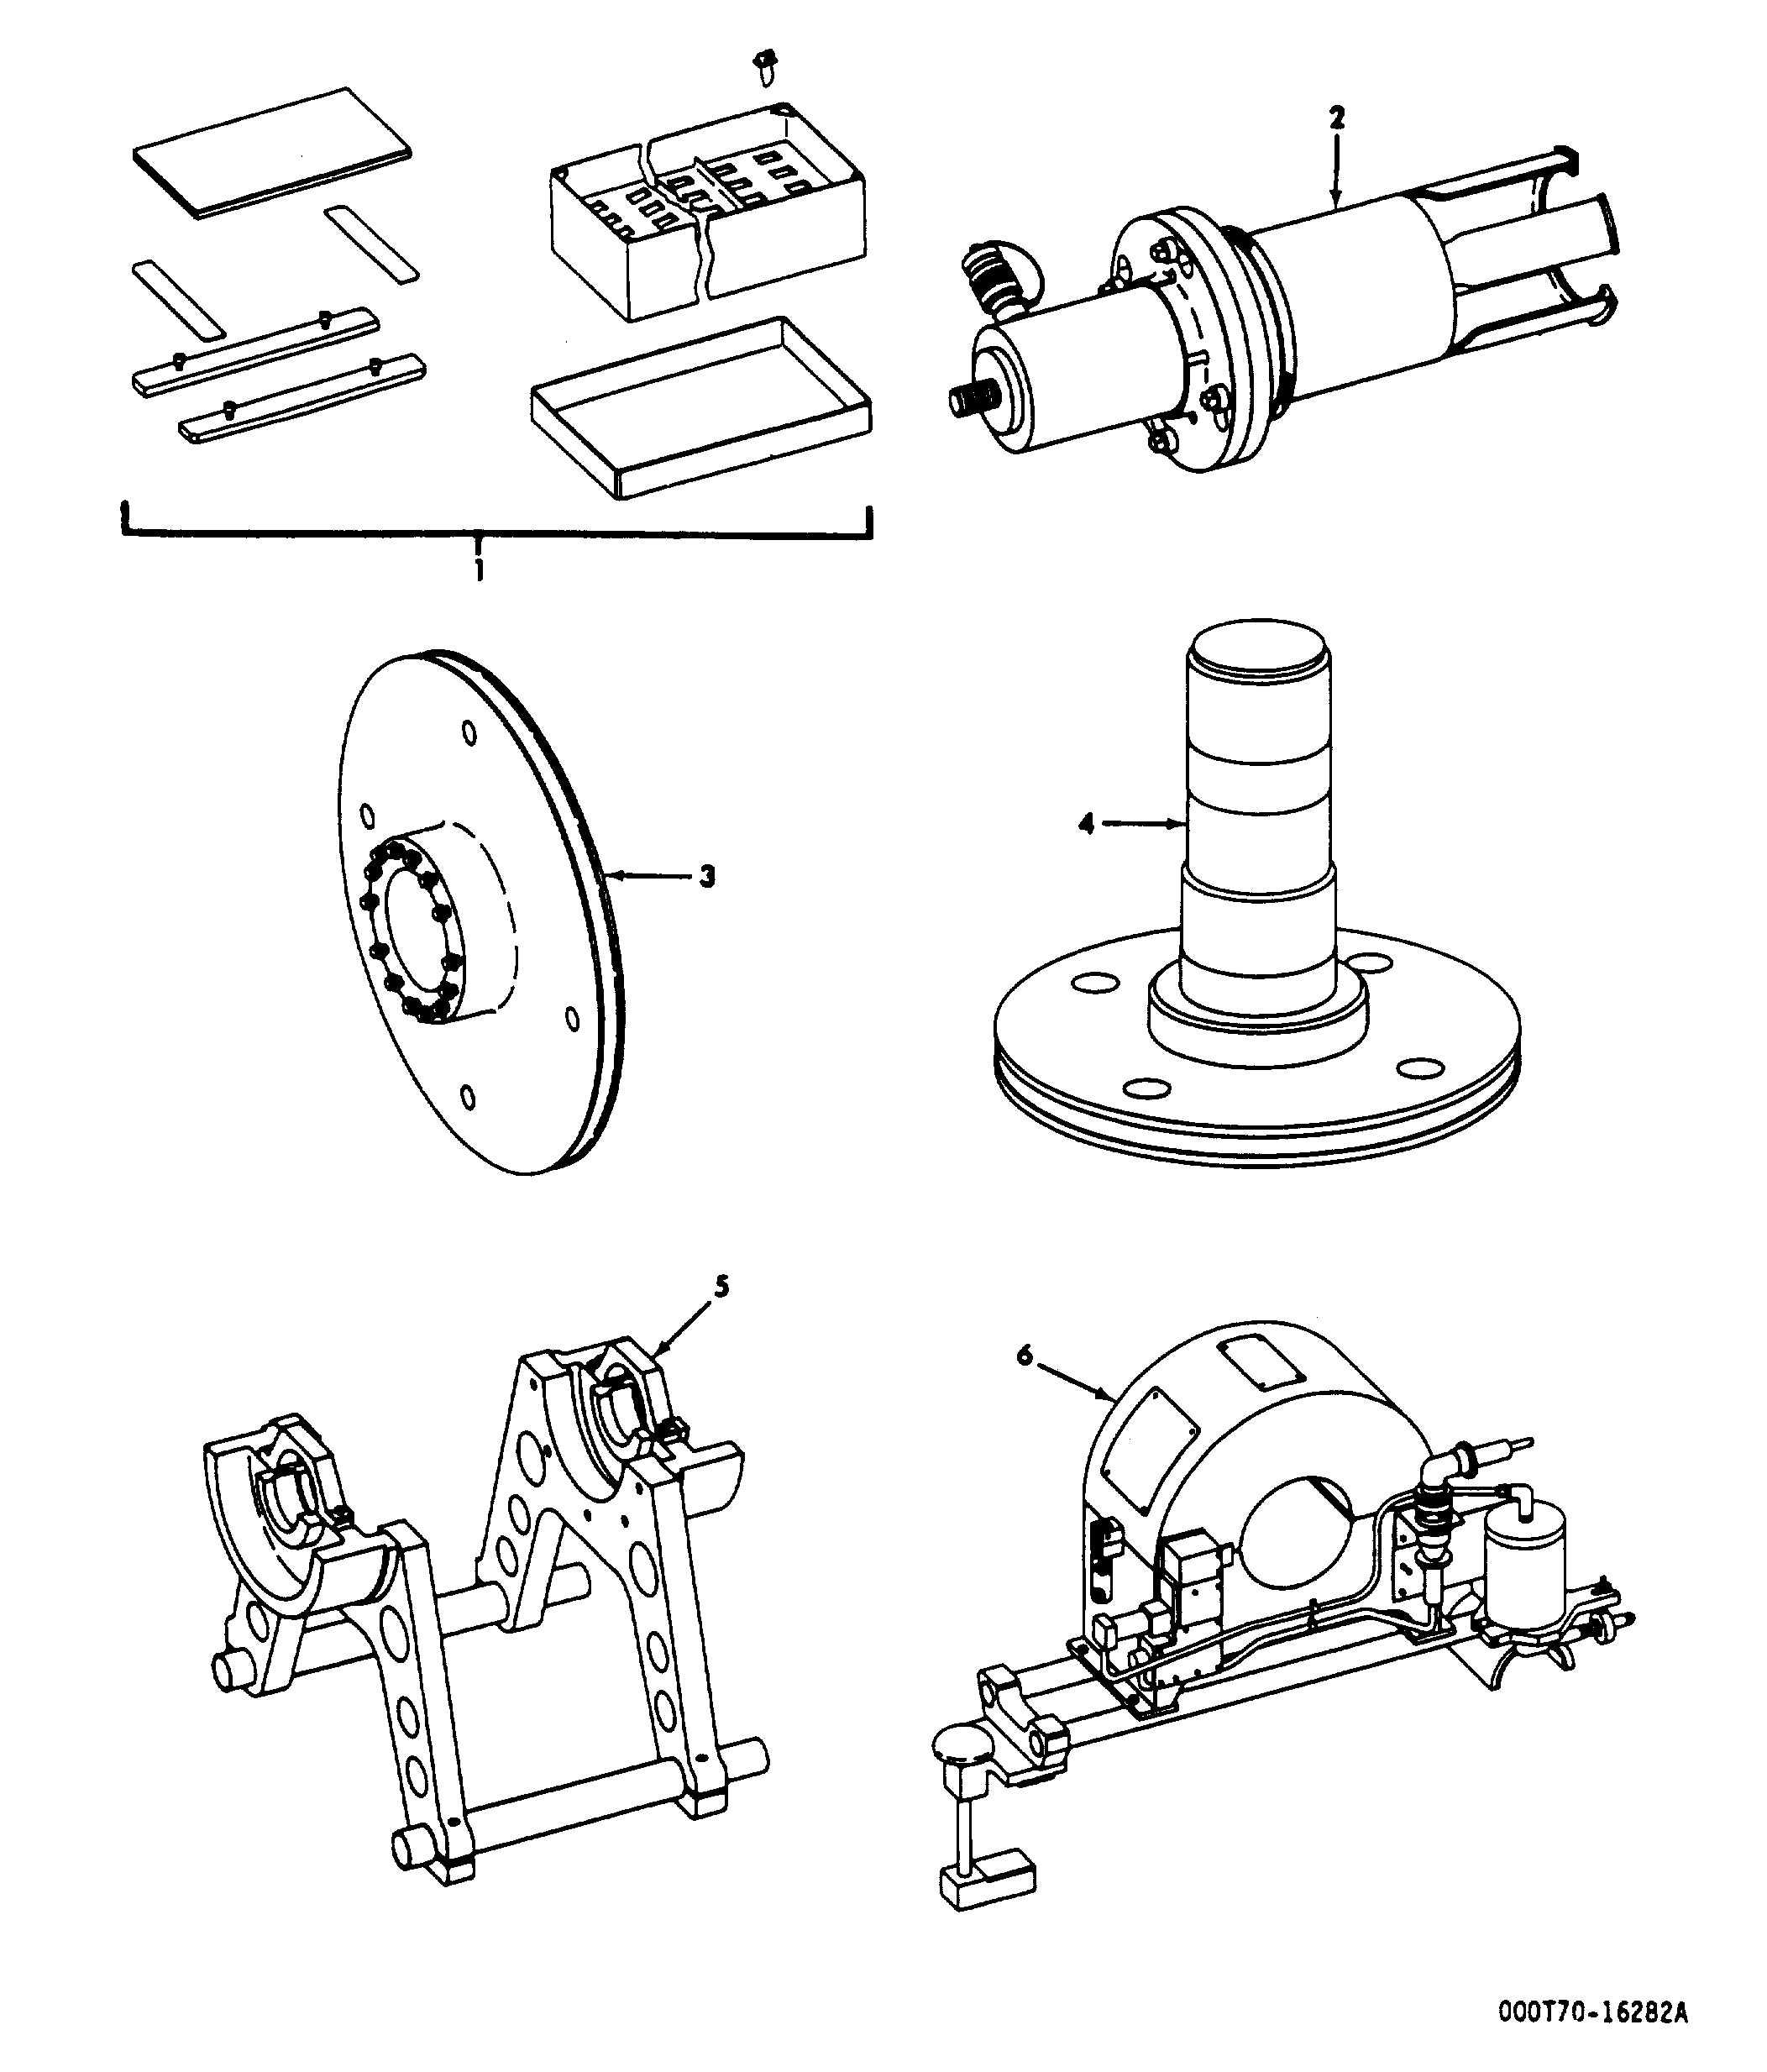 f414 engine diagram